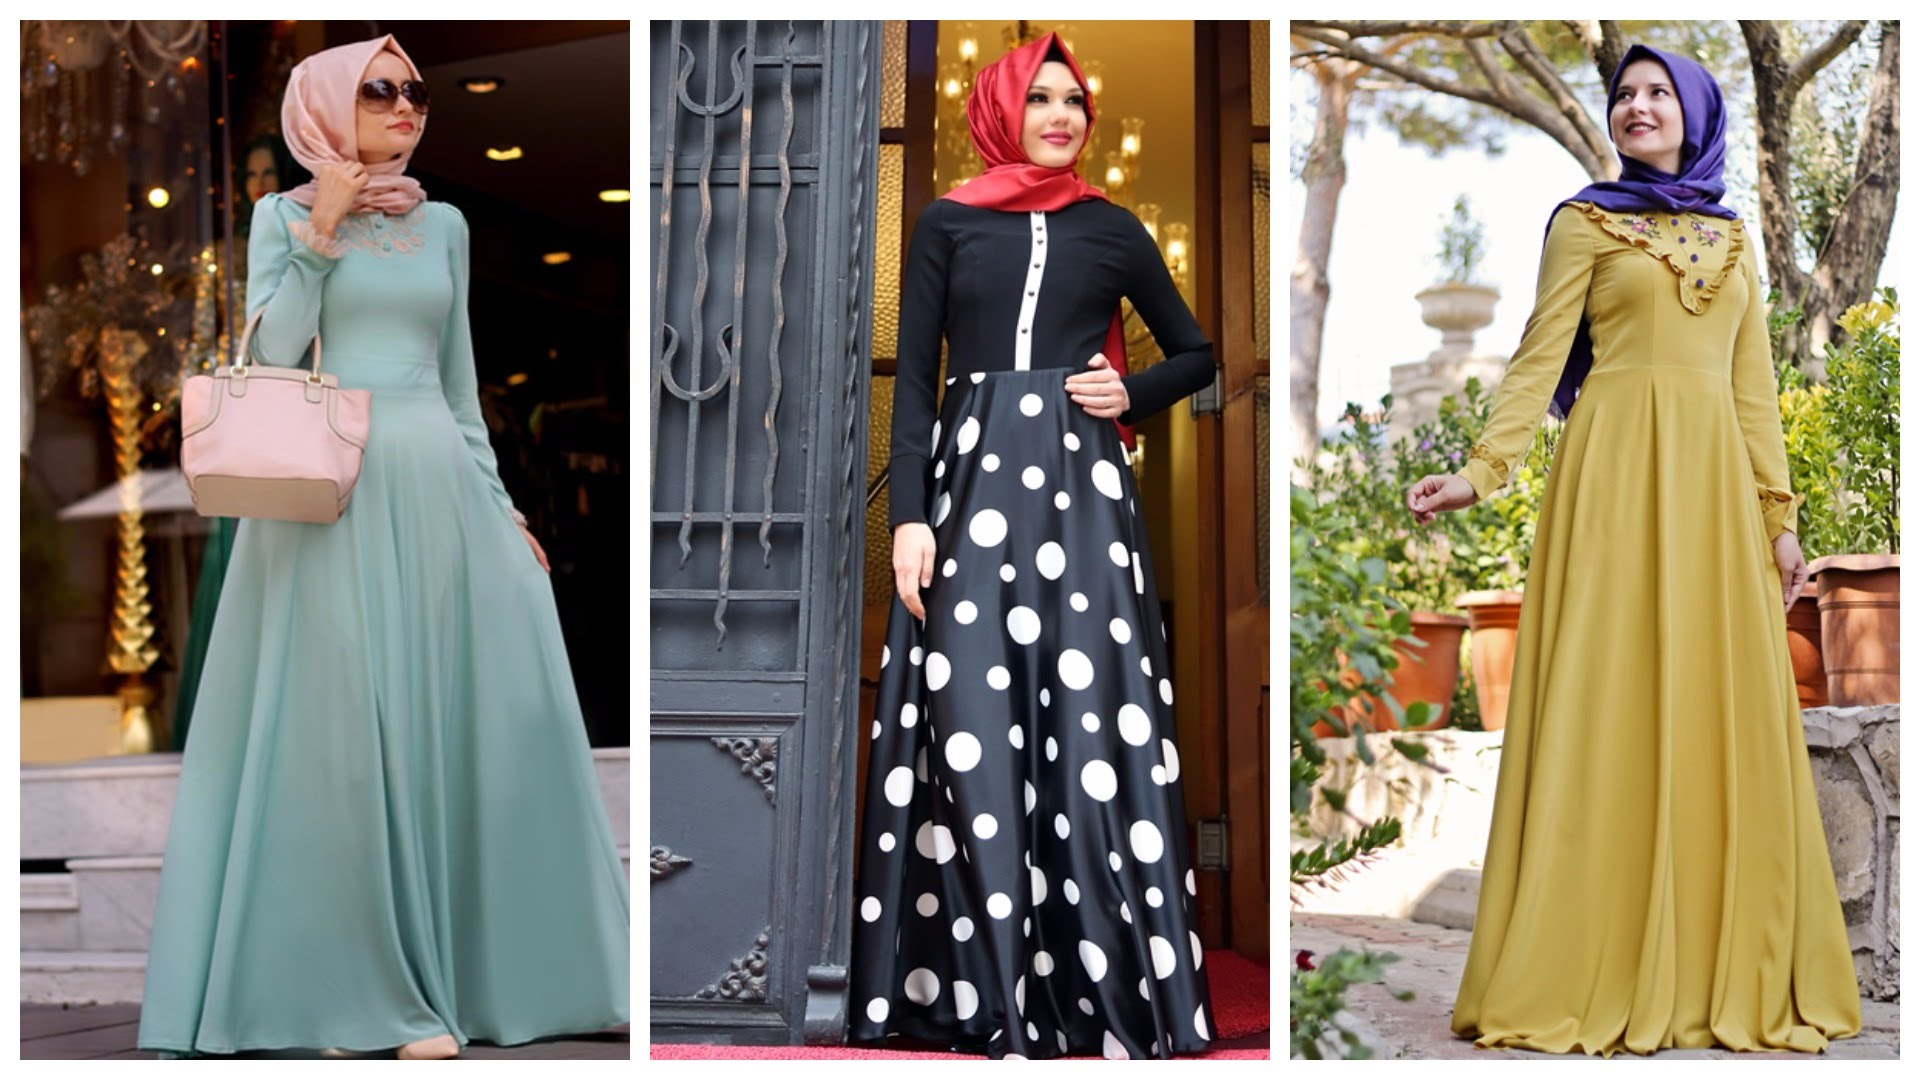 صورة ملابس محجبات للبيع , اجمل واحلي ملابس محجبات